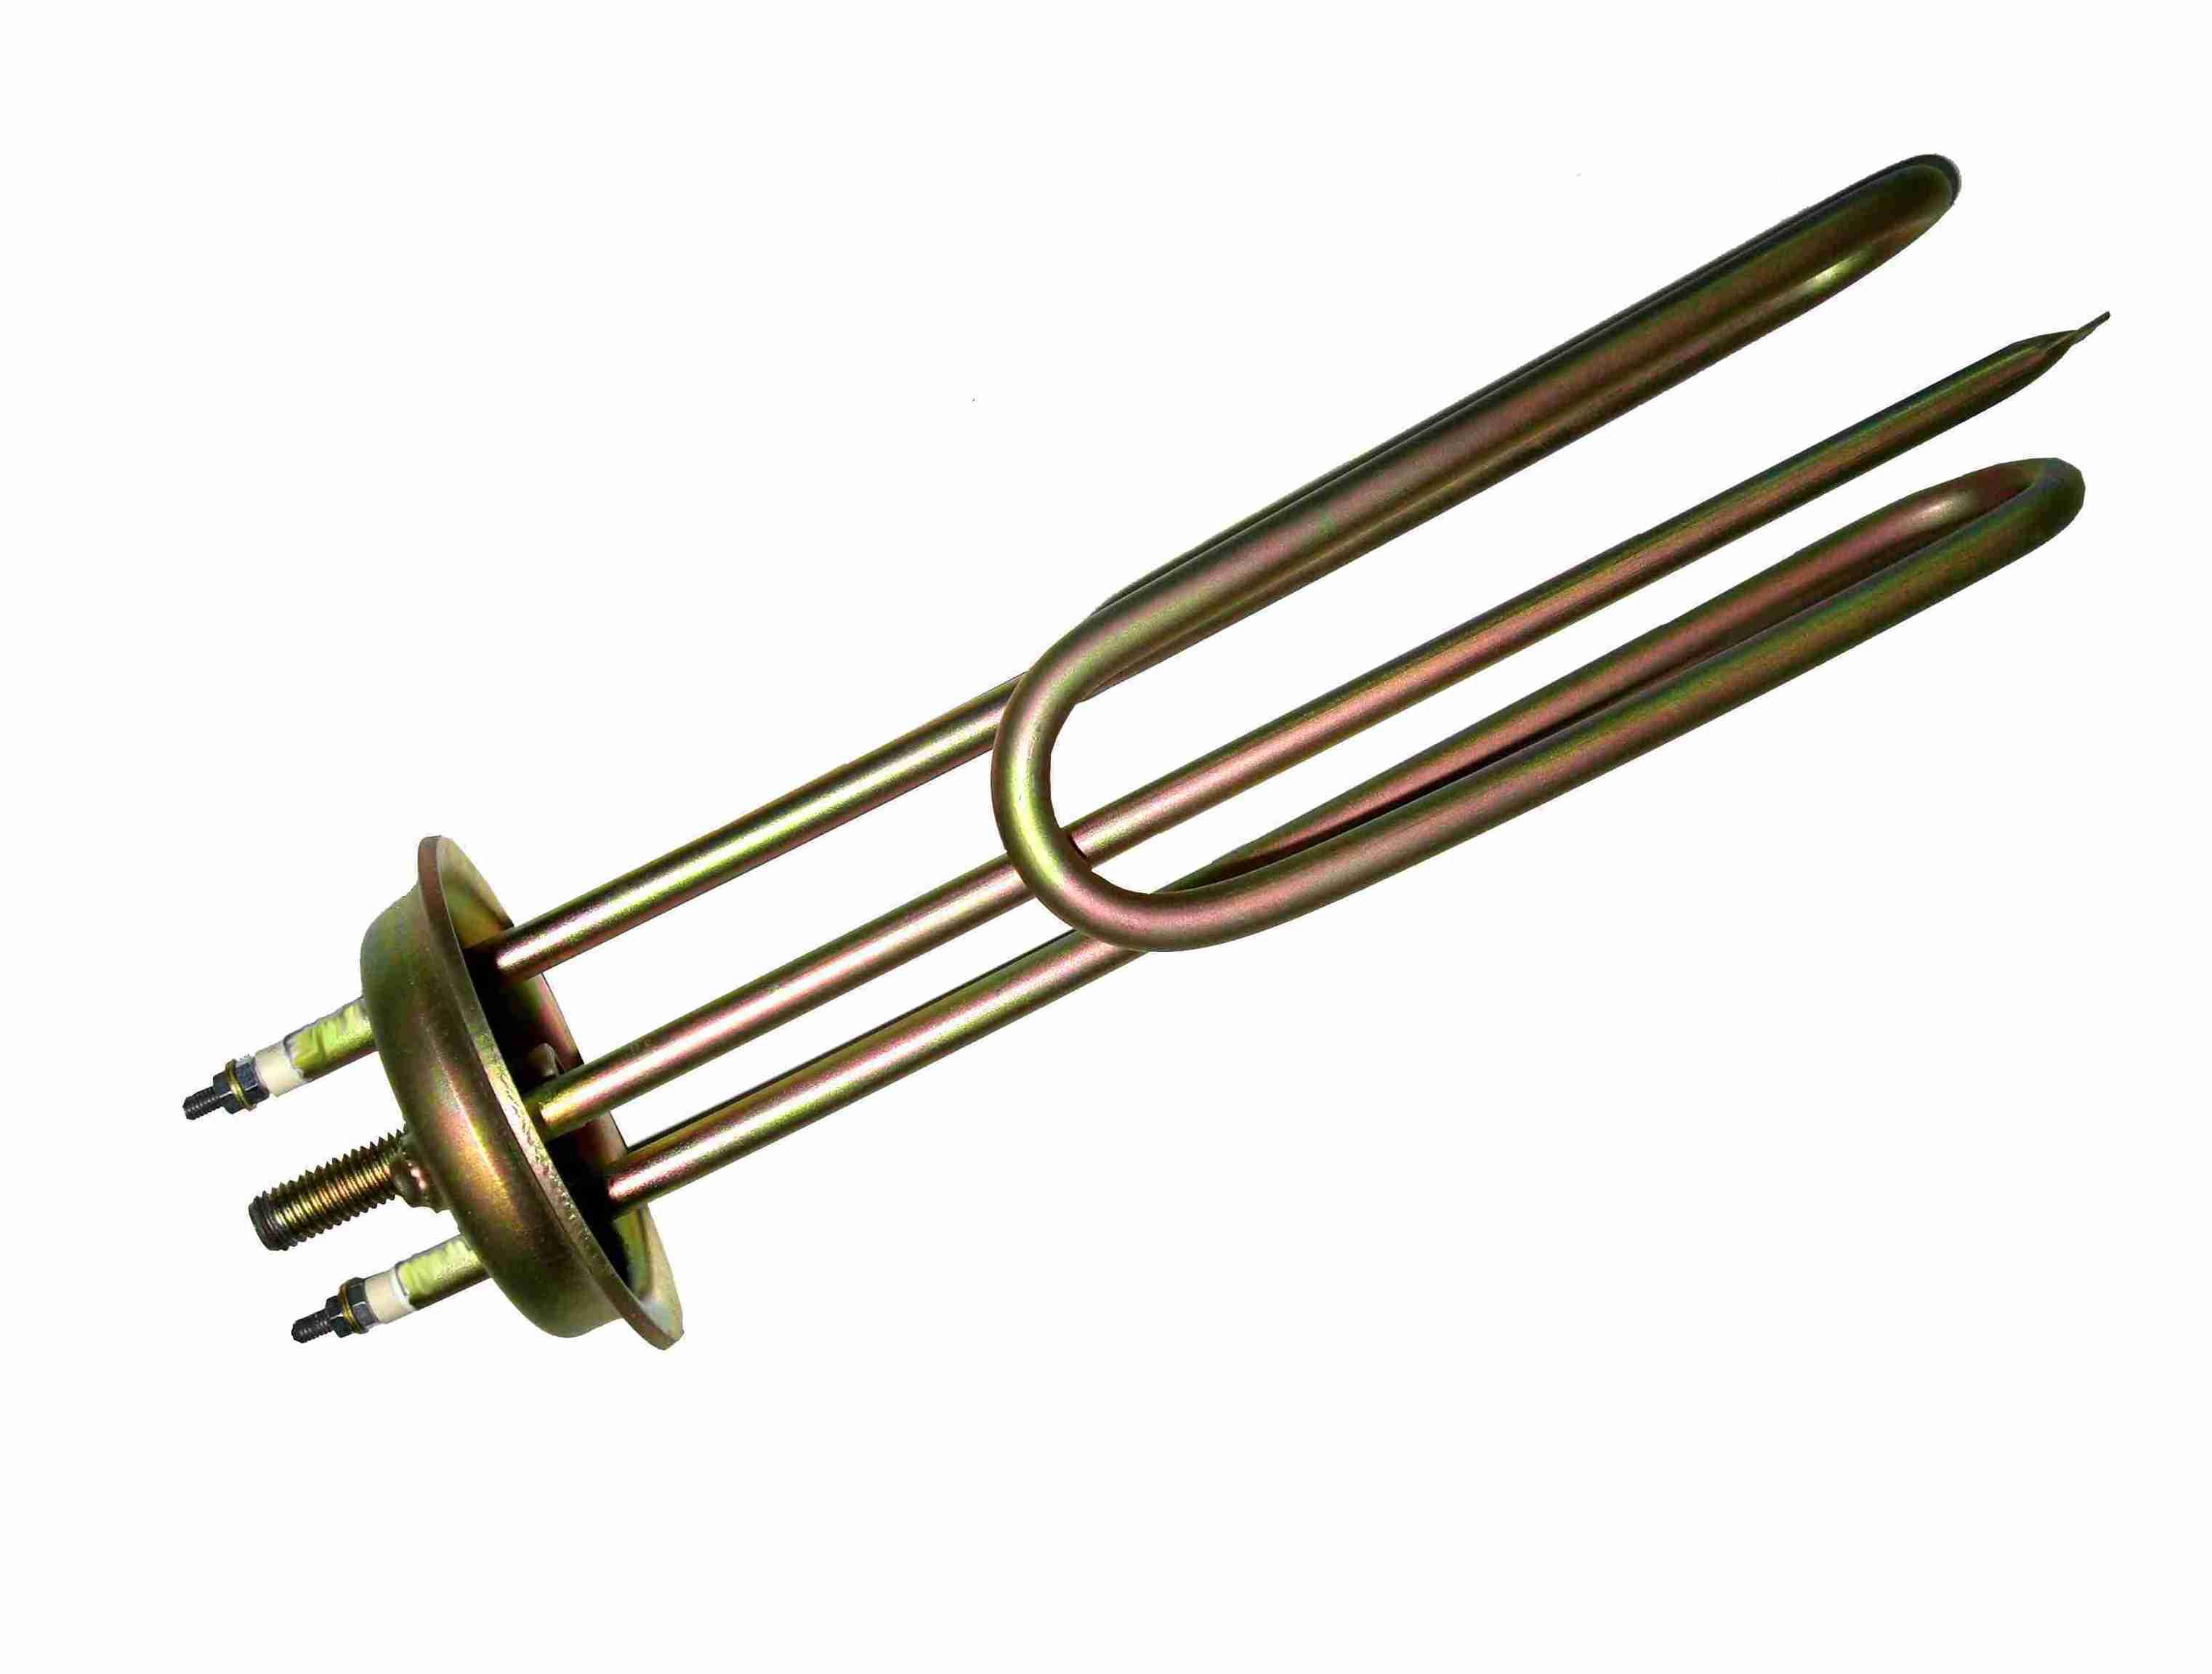 Ηλεκτρική Αντίσταση 230V  σε φλάντζα οβάλ μικρή με 1 βίδα στη μέση  (3 – 4 kW)